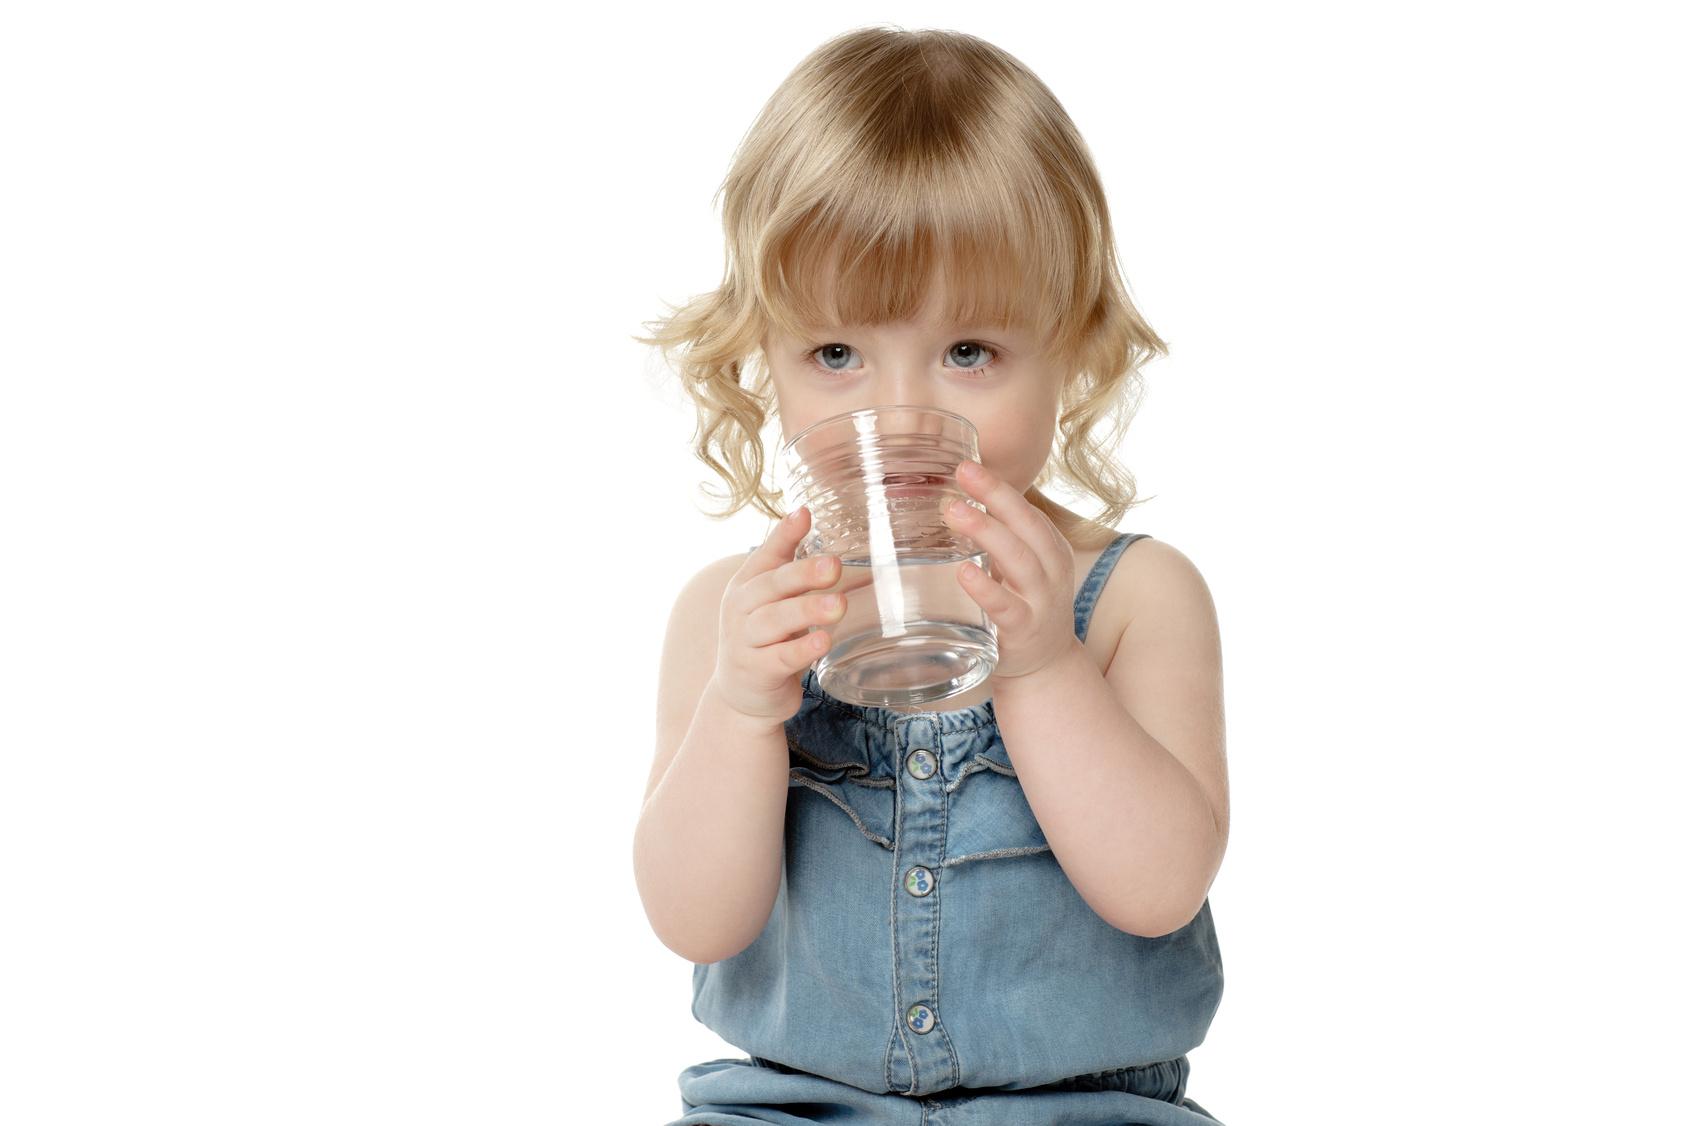 Head Lightheaded When Drinking Water